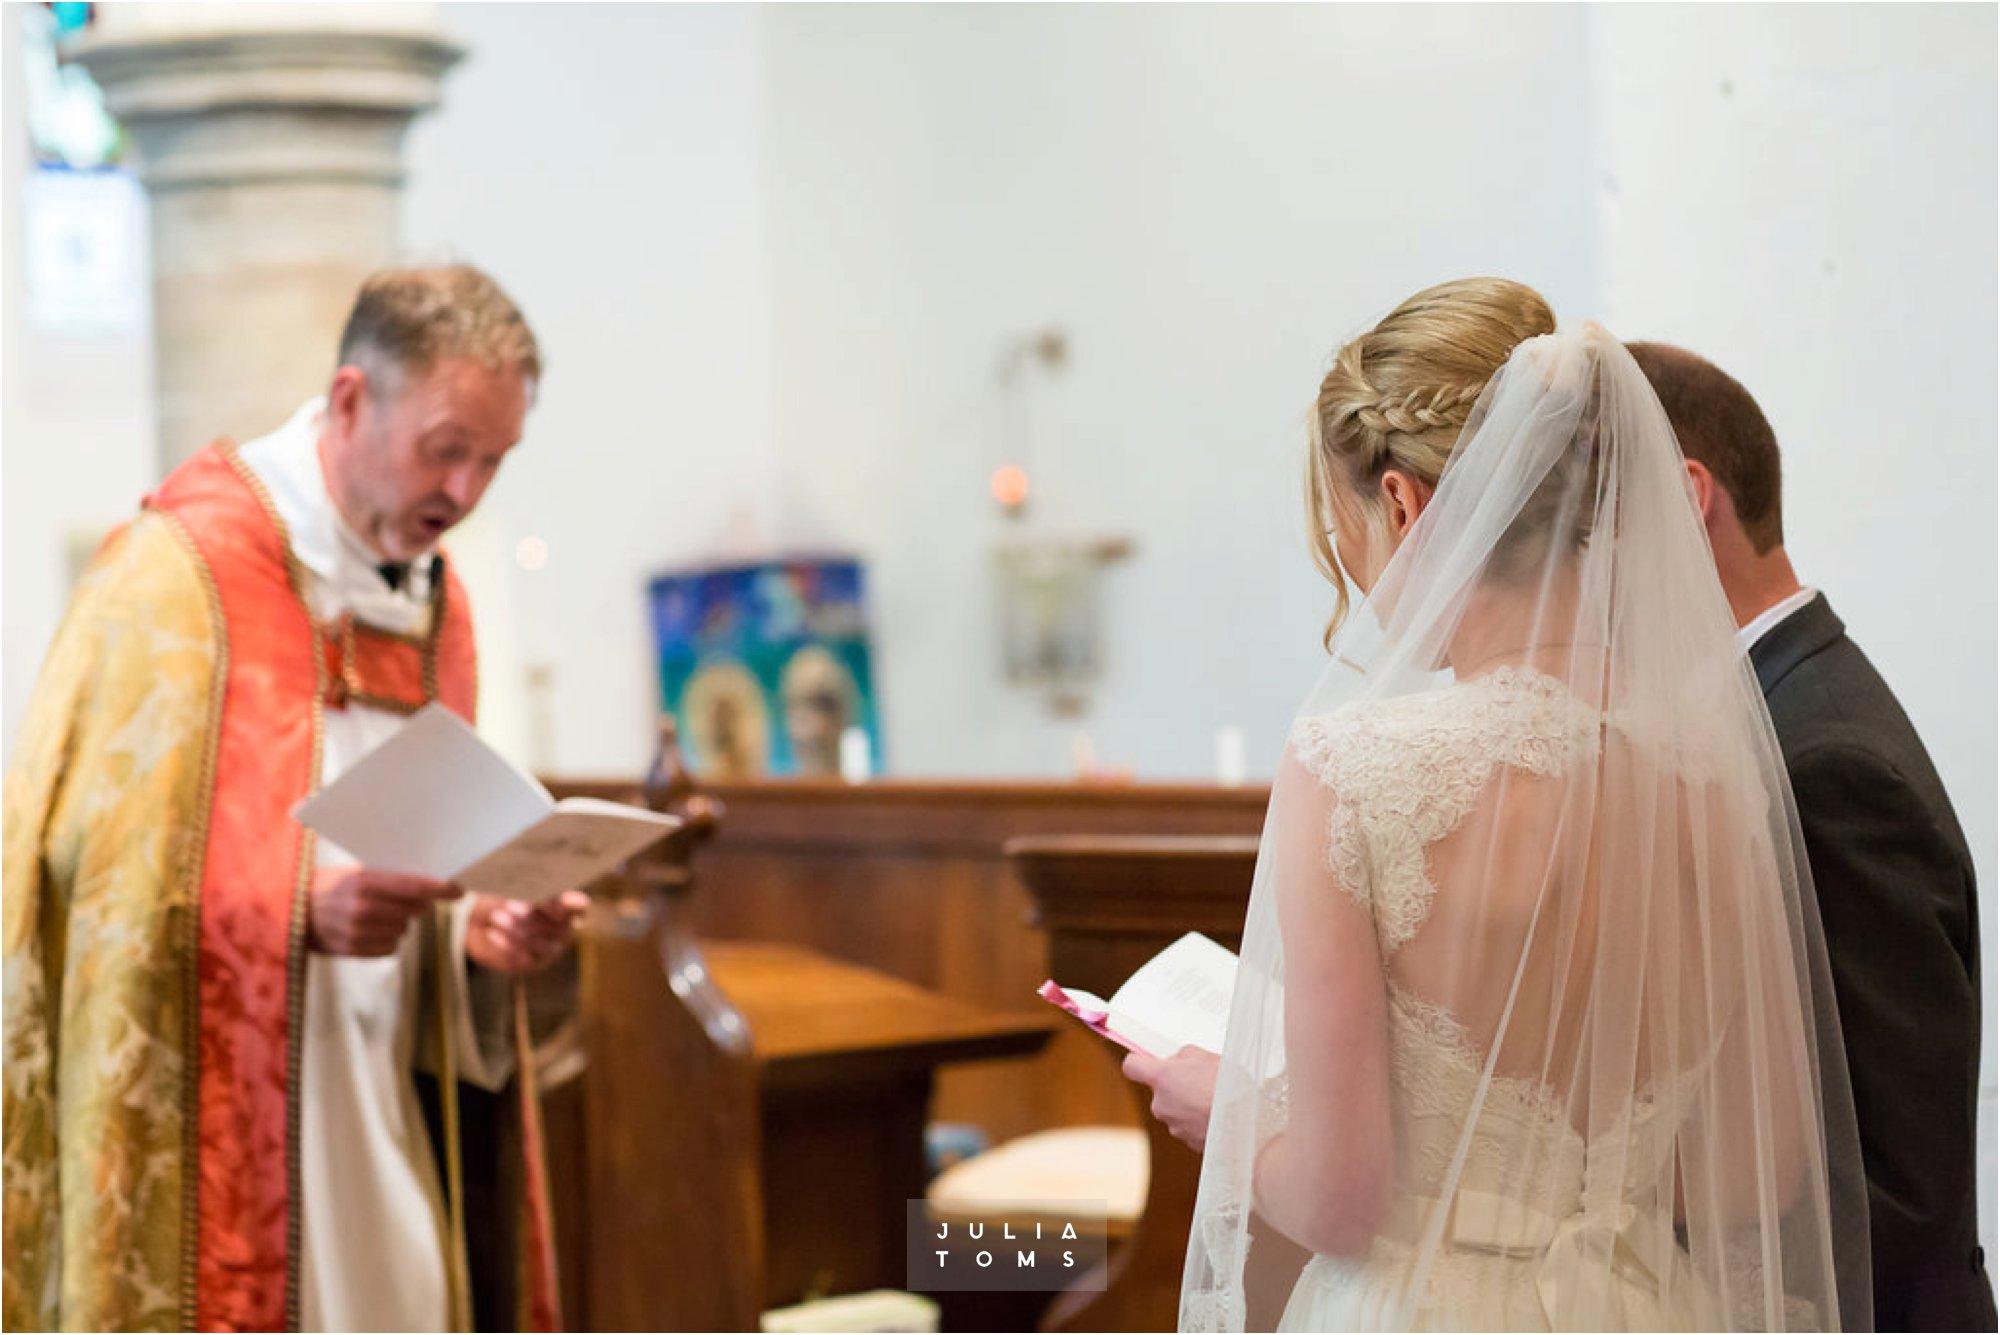 itchenor_wedding_chichester_photographer_028.jpg